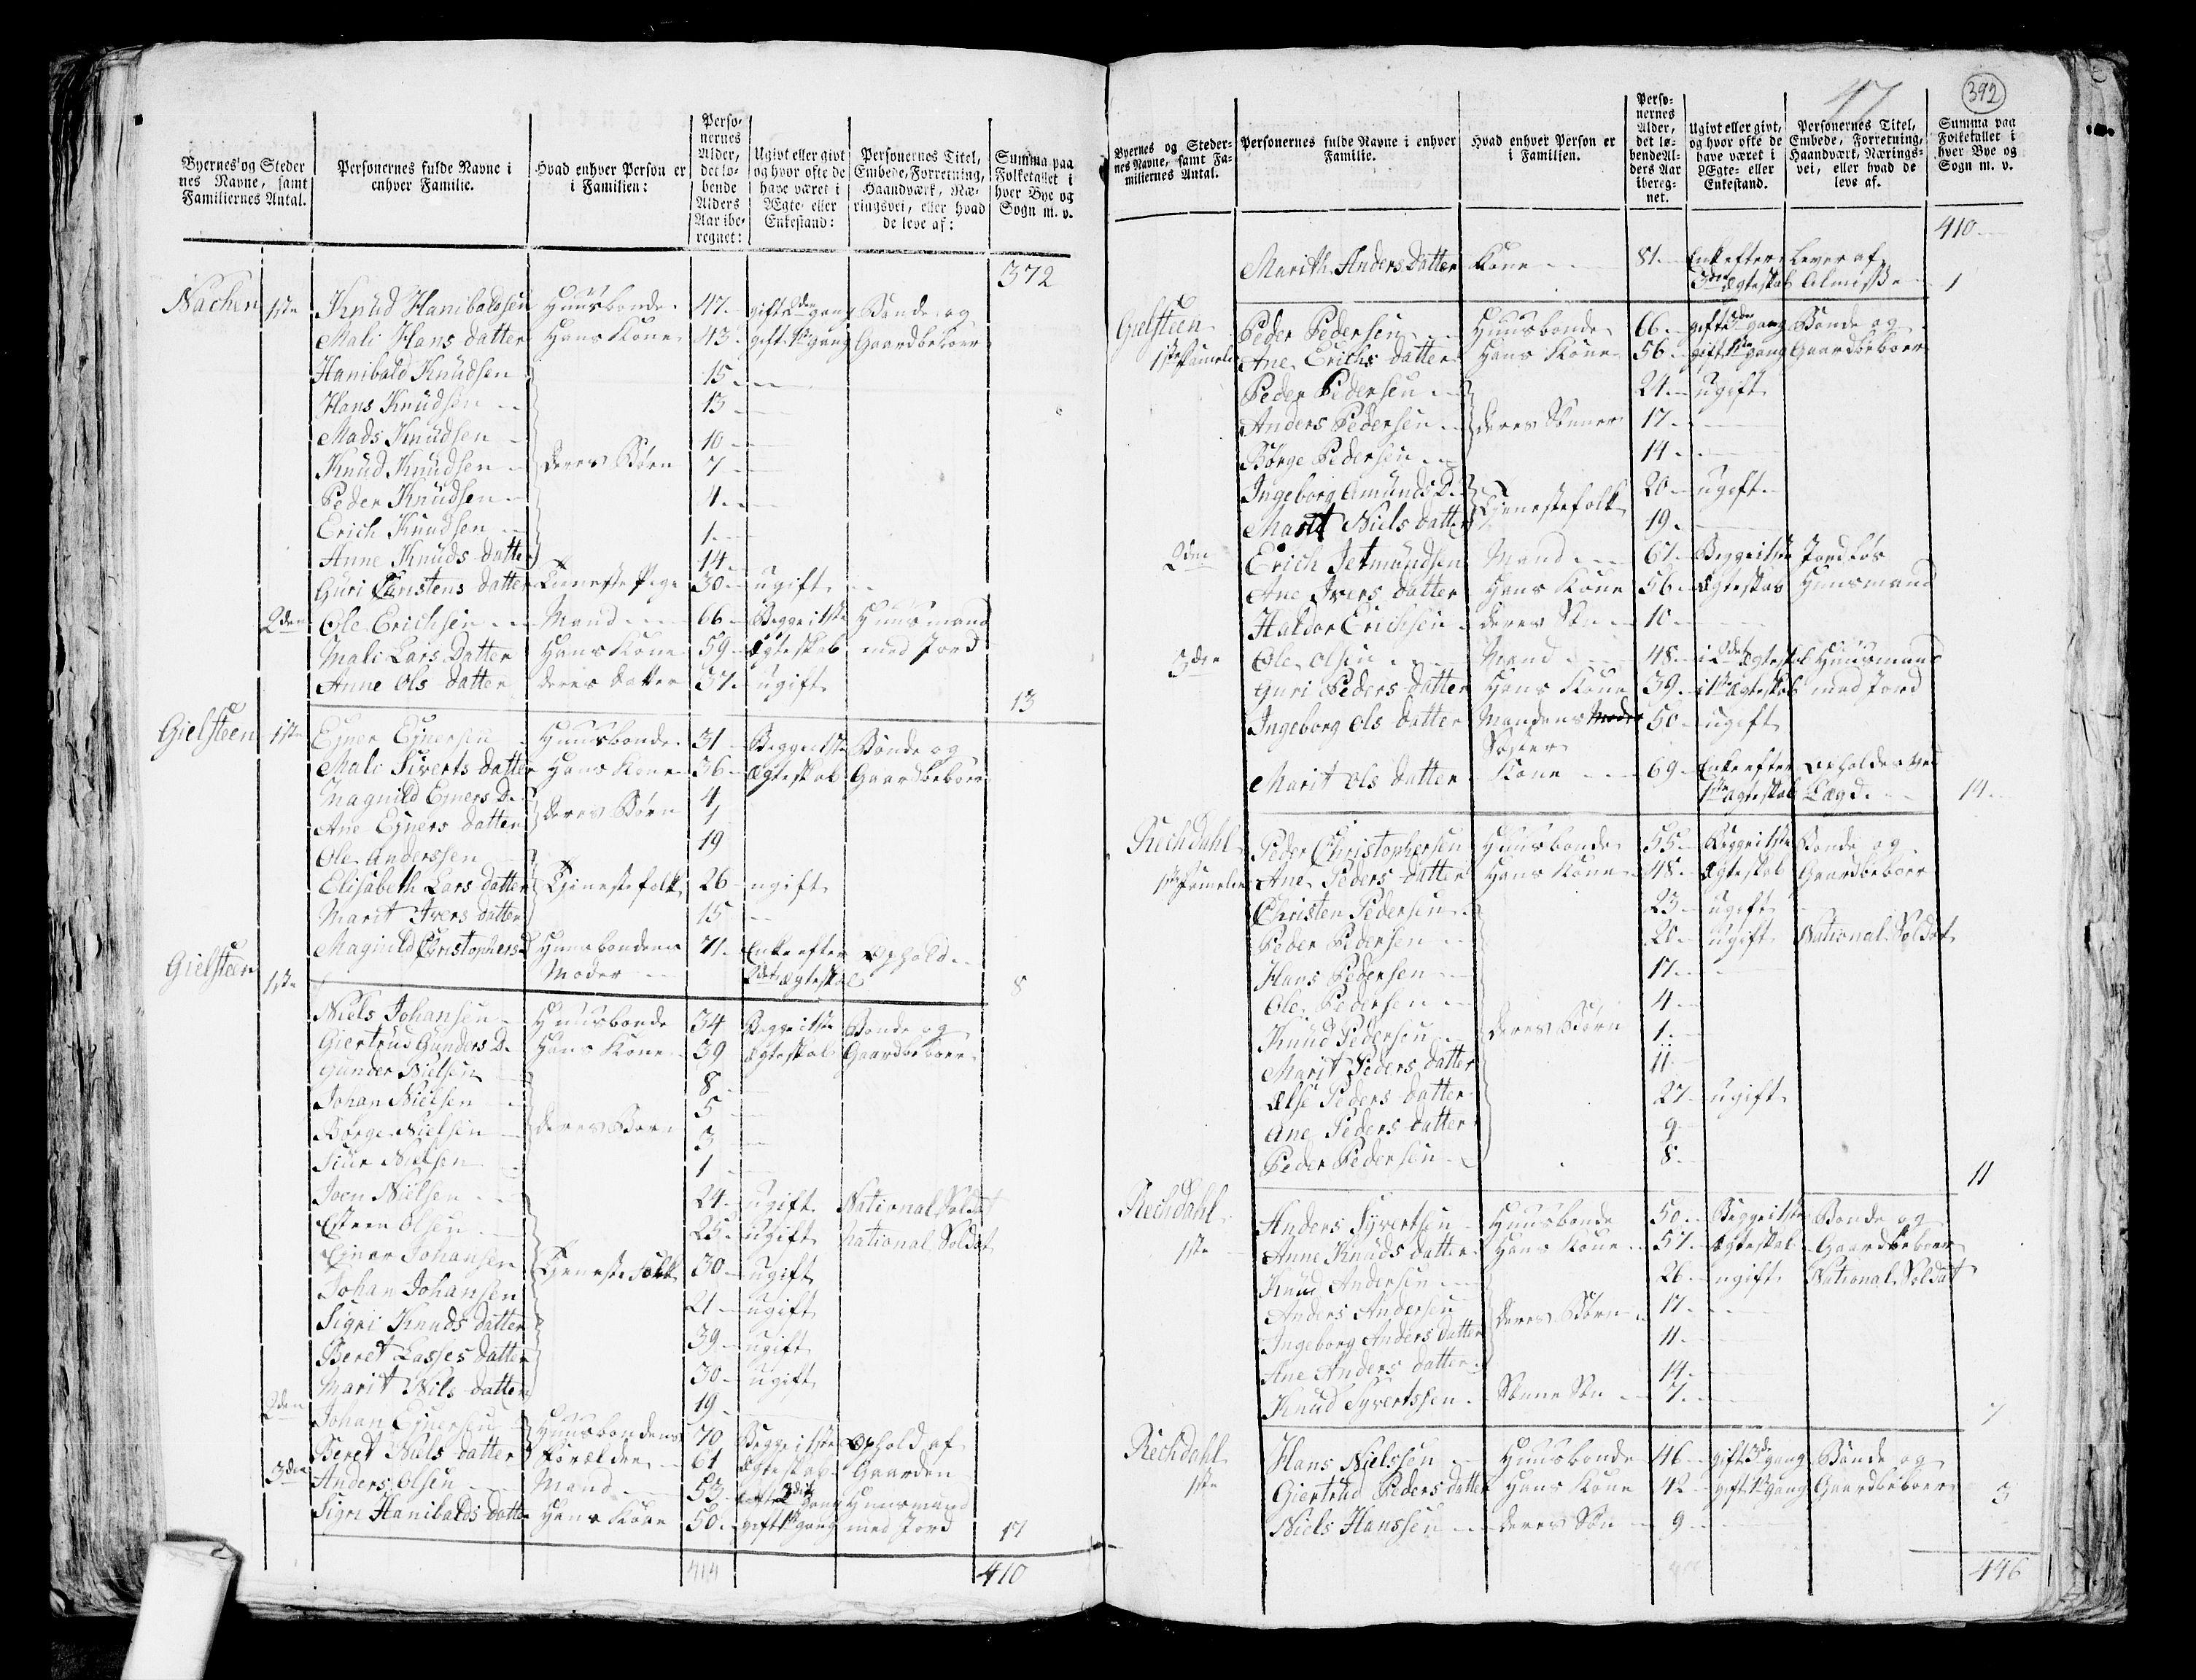 RA, Folketelling 1801 for 1541P Veøy prestegjeld, 1801, s. 391b-392a